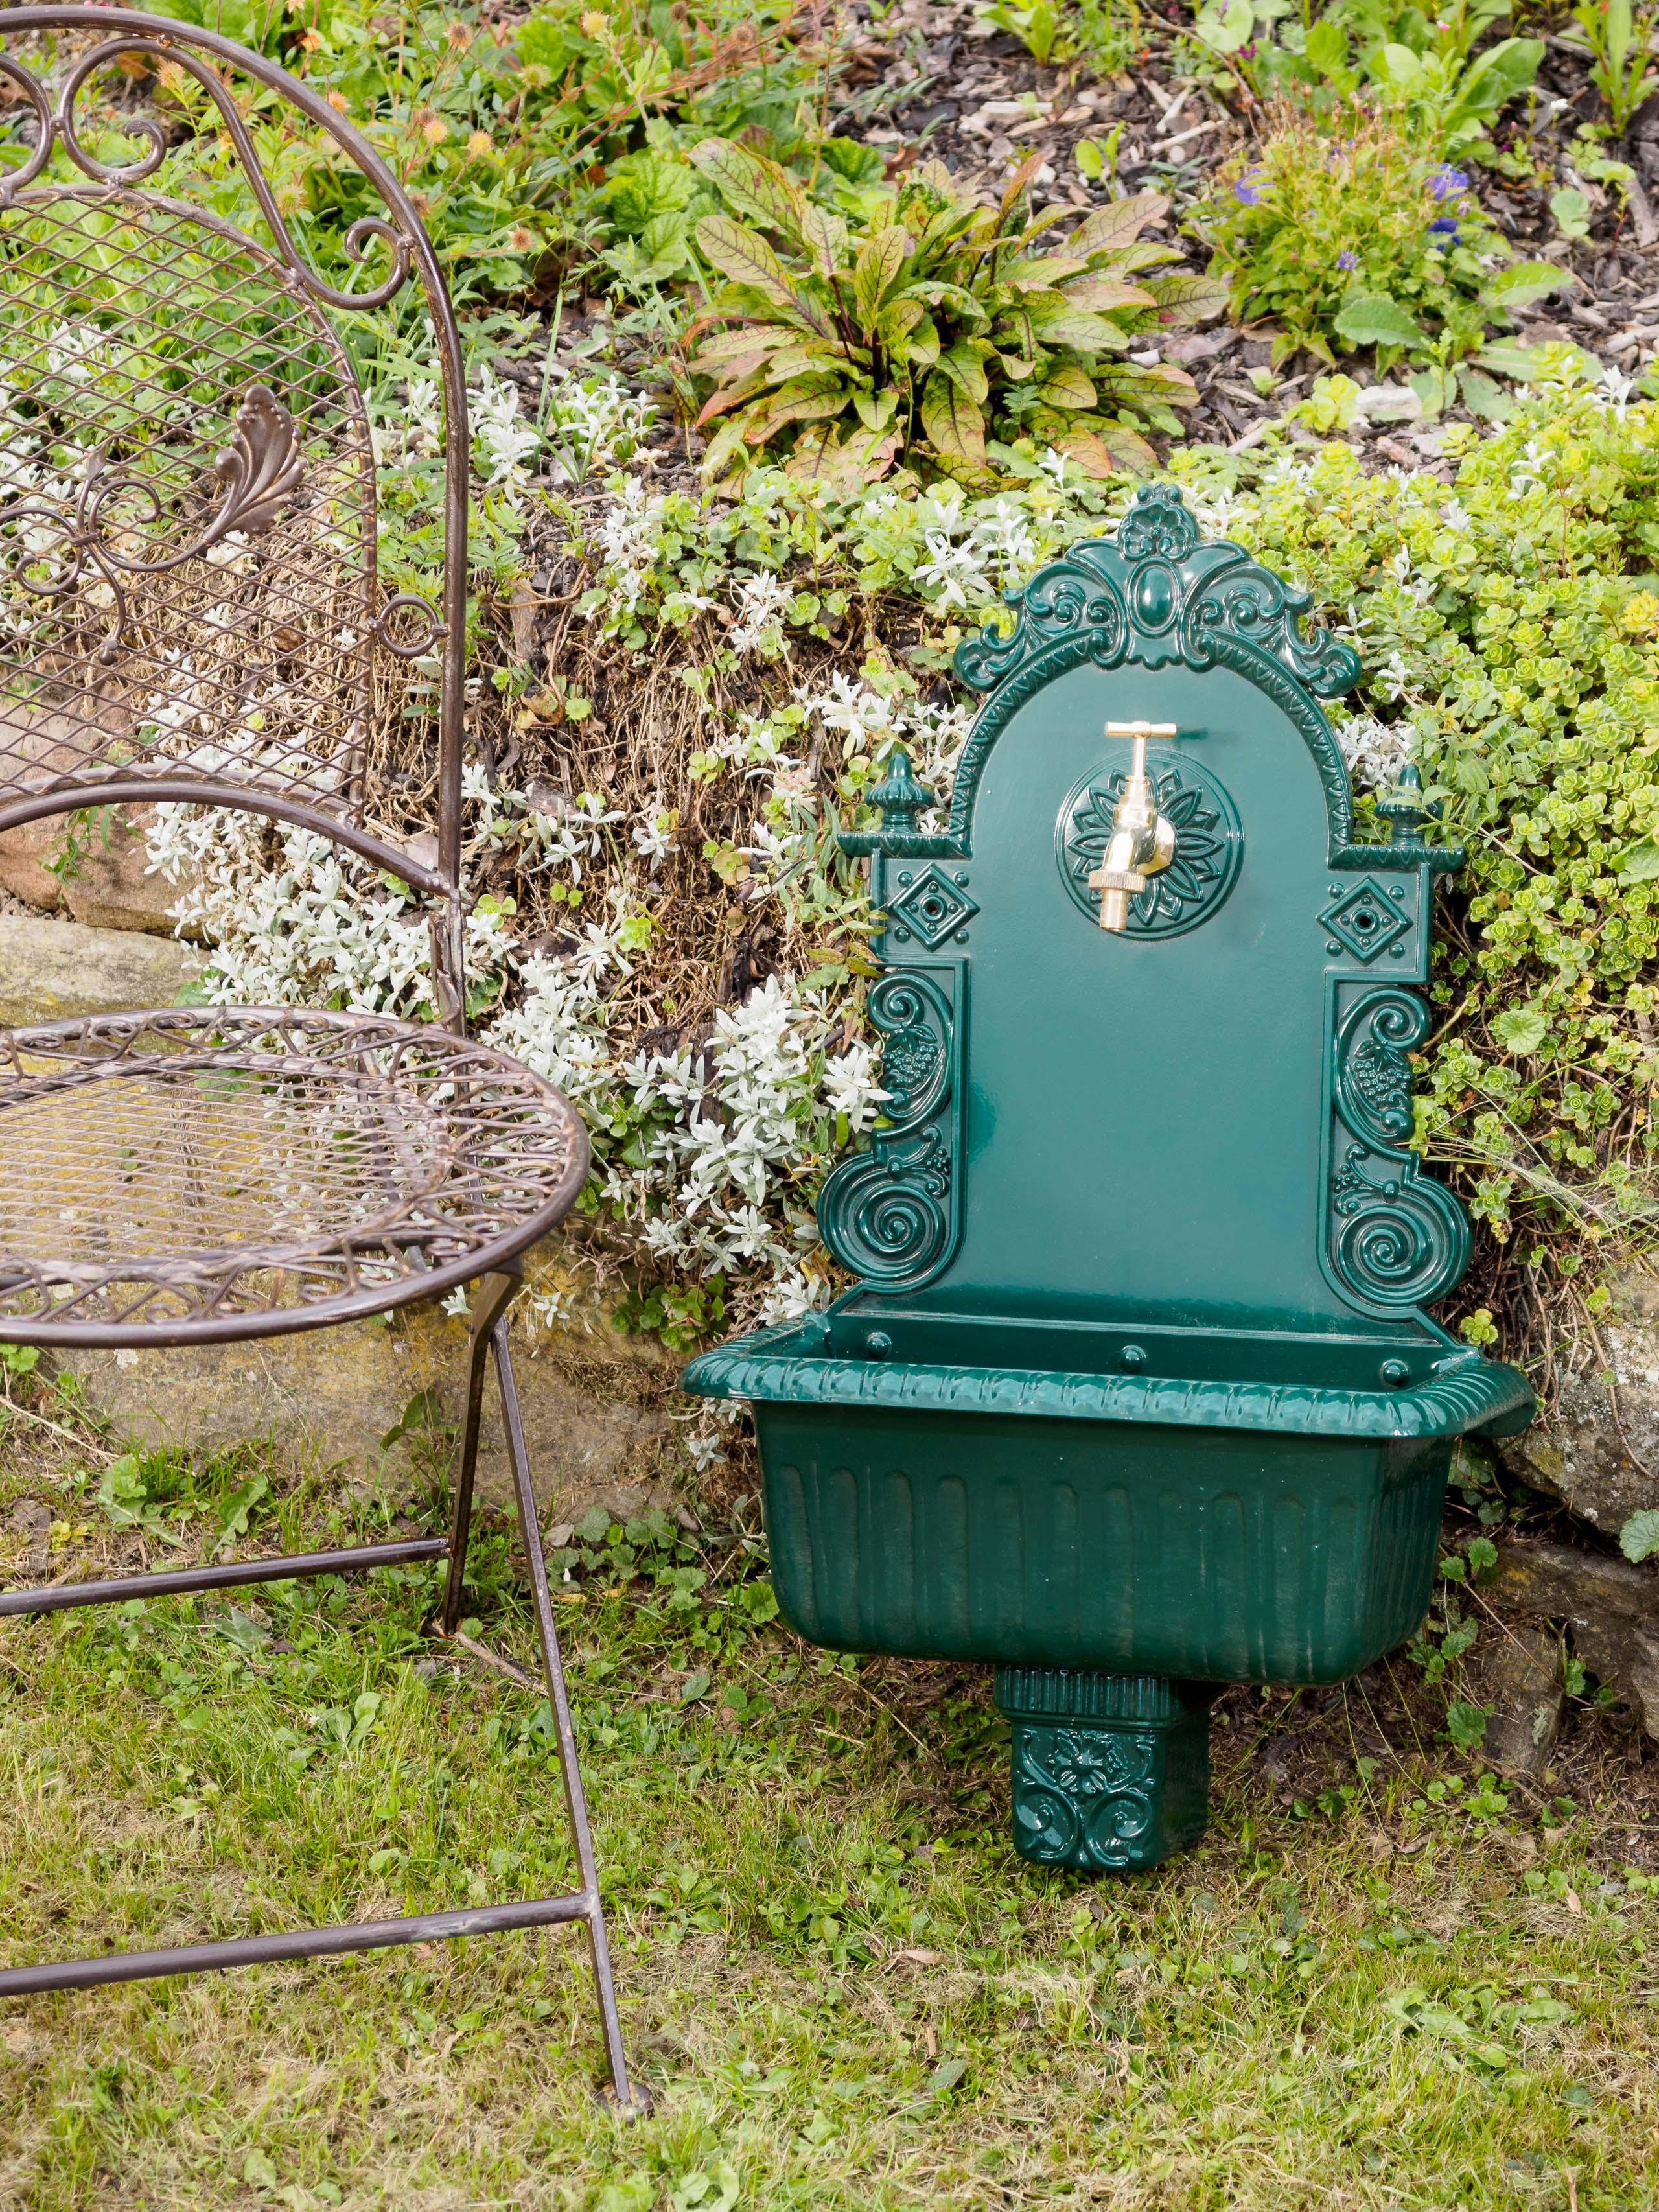 Waschbecken Wandbrunnen Garten Alu Antik Stil Brunnen Waschplatz Bad